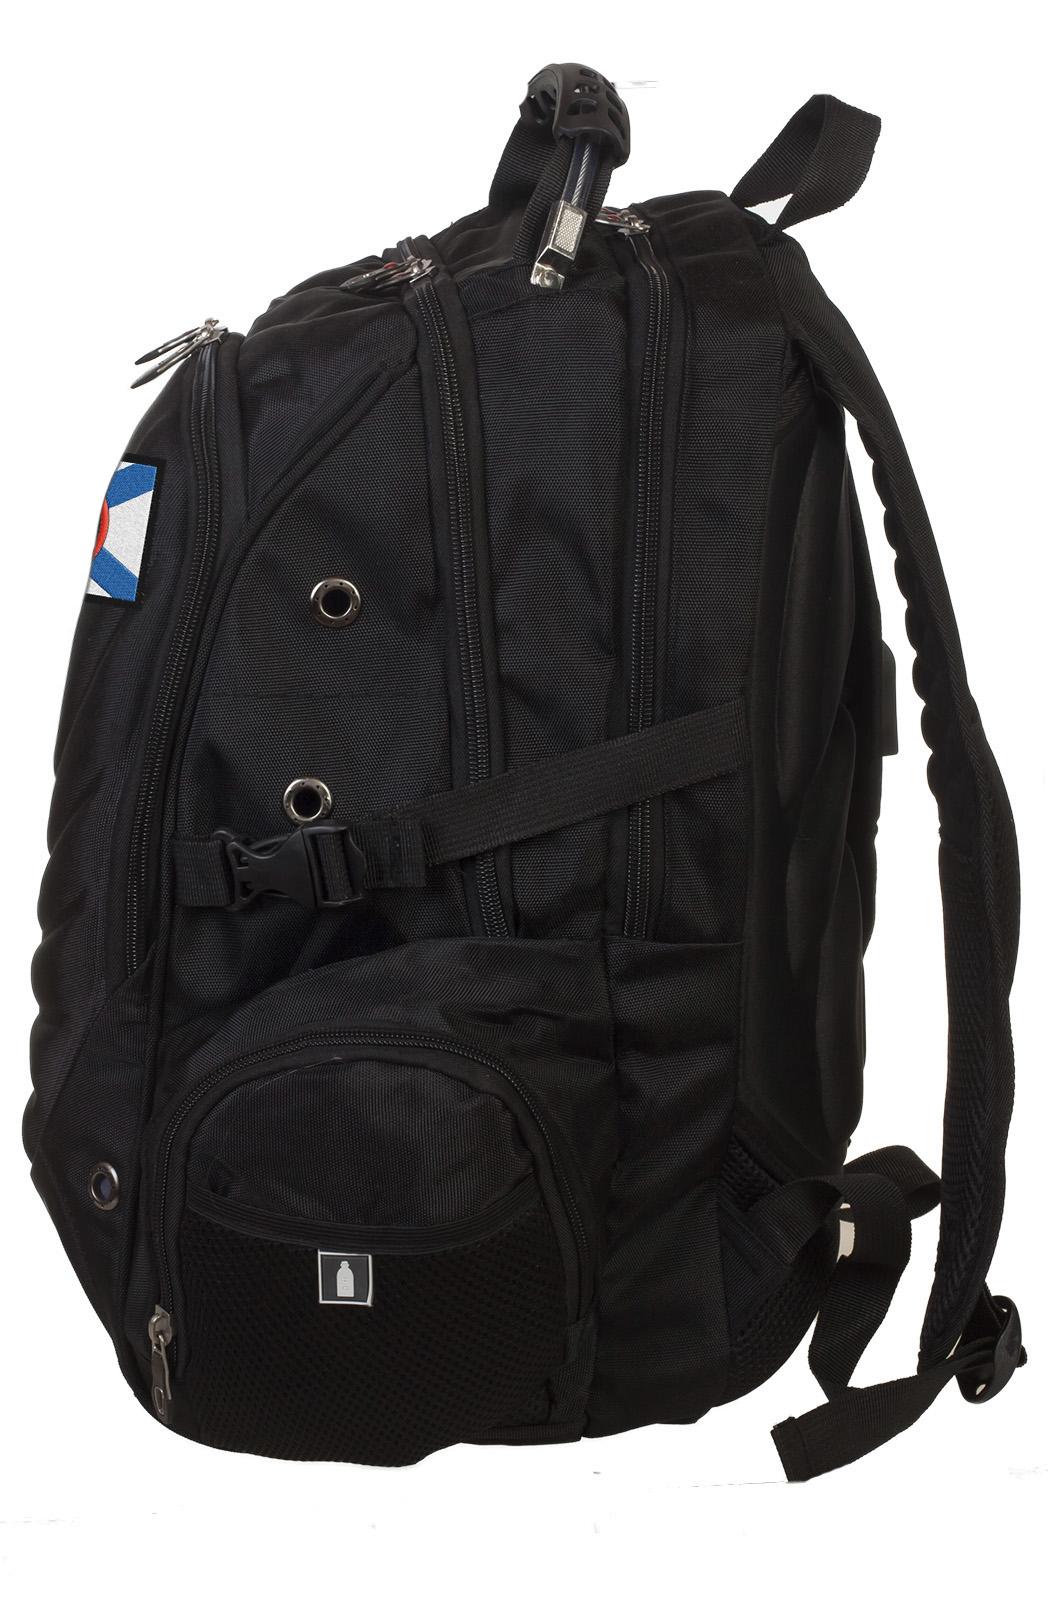 Универсальный крутой рюкзак с нашивкой Морпех - купить в розницу